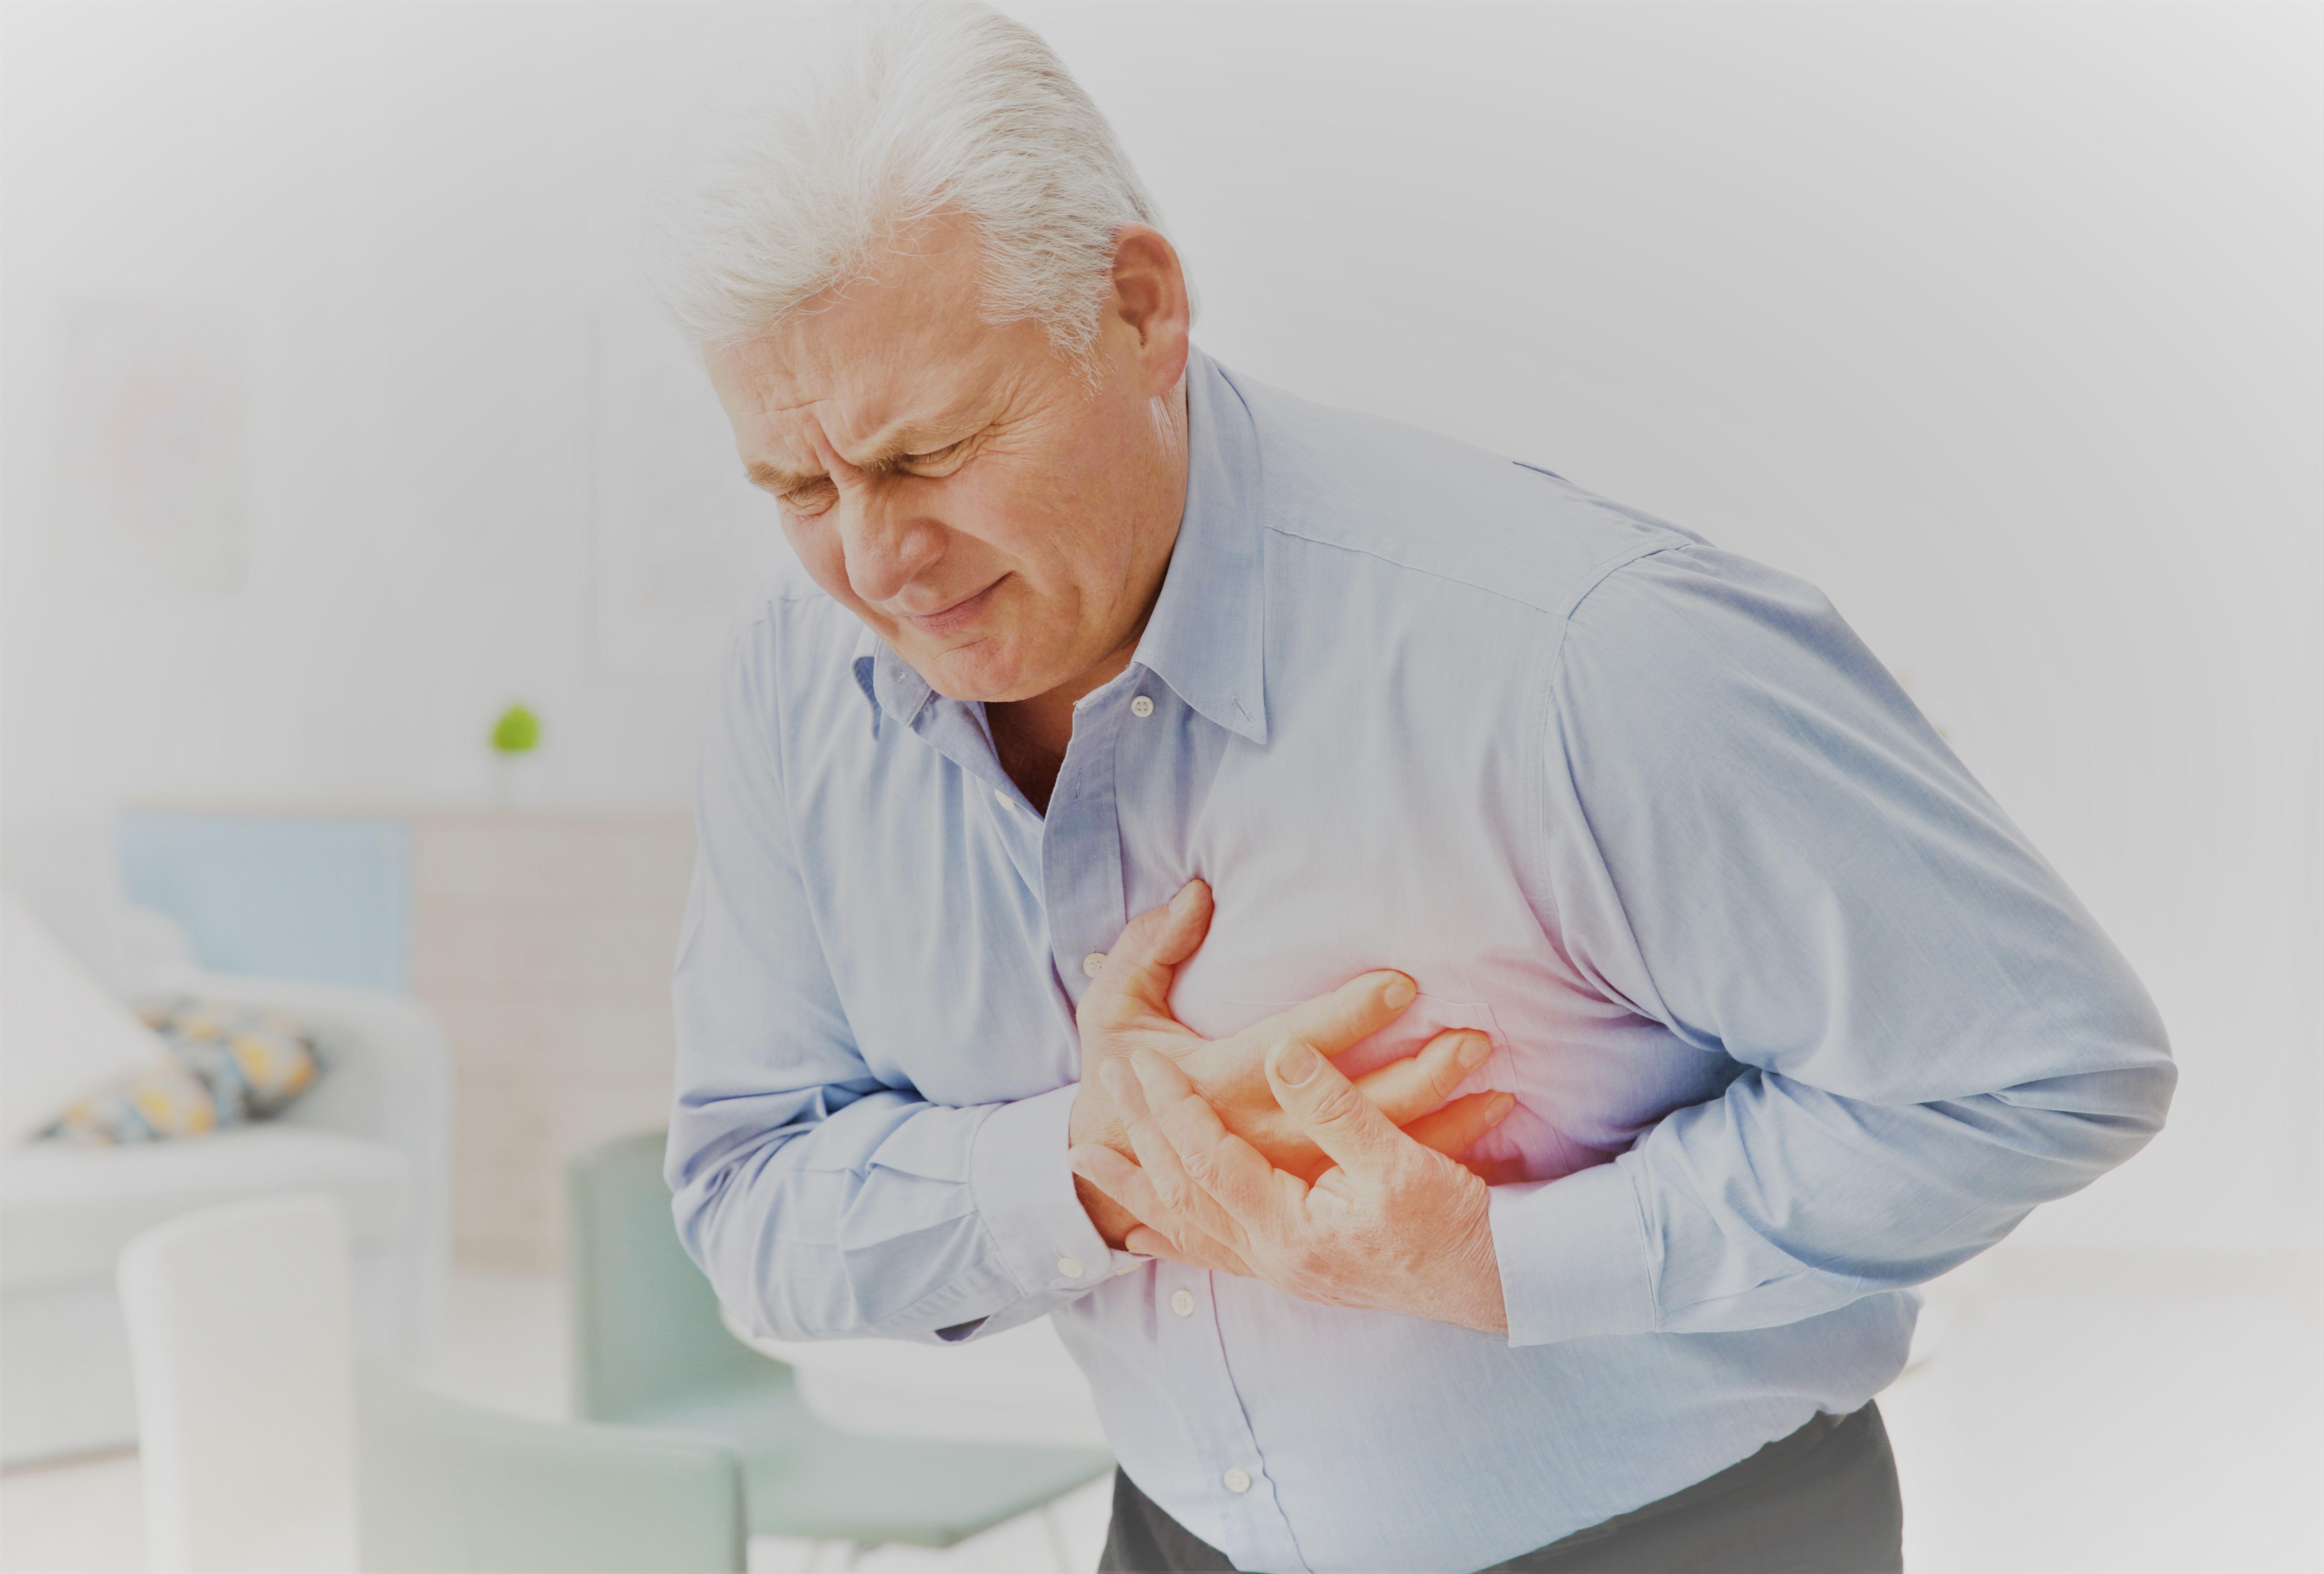 magas vérnyomás kocogás kezelése bodza fekete magas vérnyomás